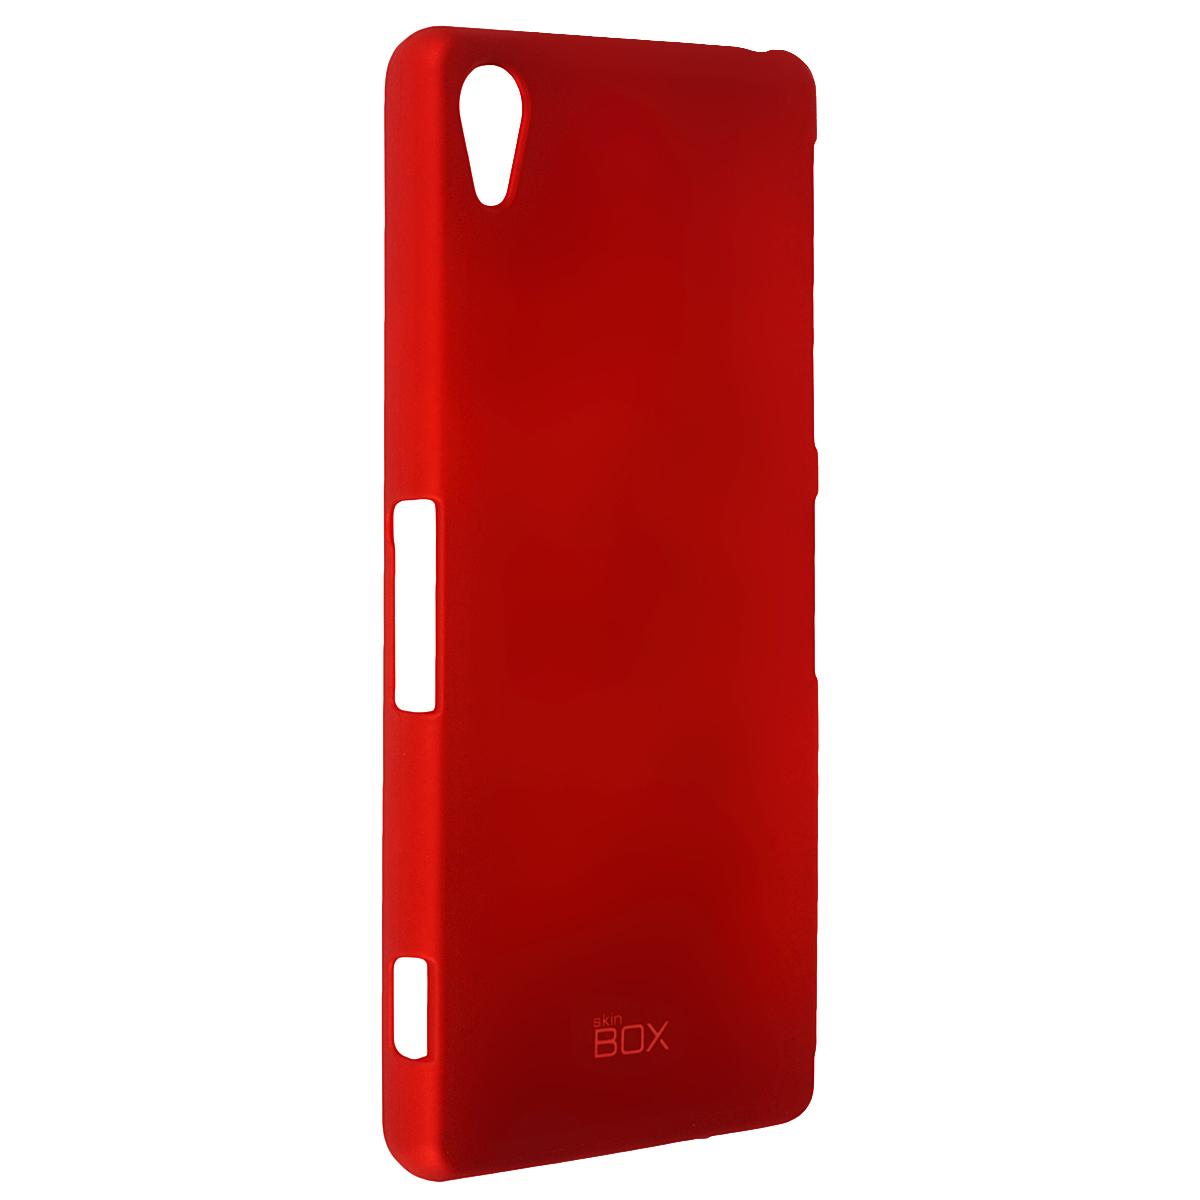 Skinbox Shield 4People чехол для Sony Xperia Z3, RedT-S-SXZ3-002Чехол Skinbox Shield 4People для Sony Xperia Z3 предназначен для защиты корпуса смартфона от механических повреждений и царапин в процессе эксплуатации. Имеется свободный доступ ко всем разъемам и кнопкам устройства. В комплект также входит защитная пленка на экран телефона.